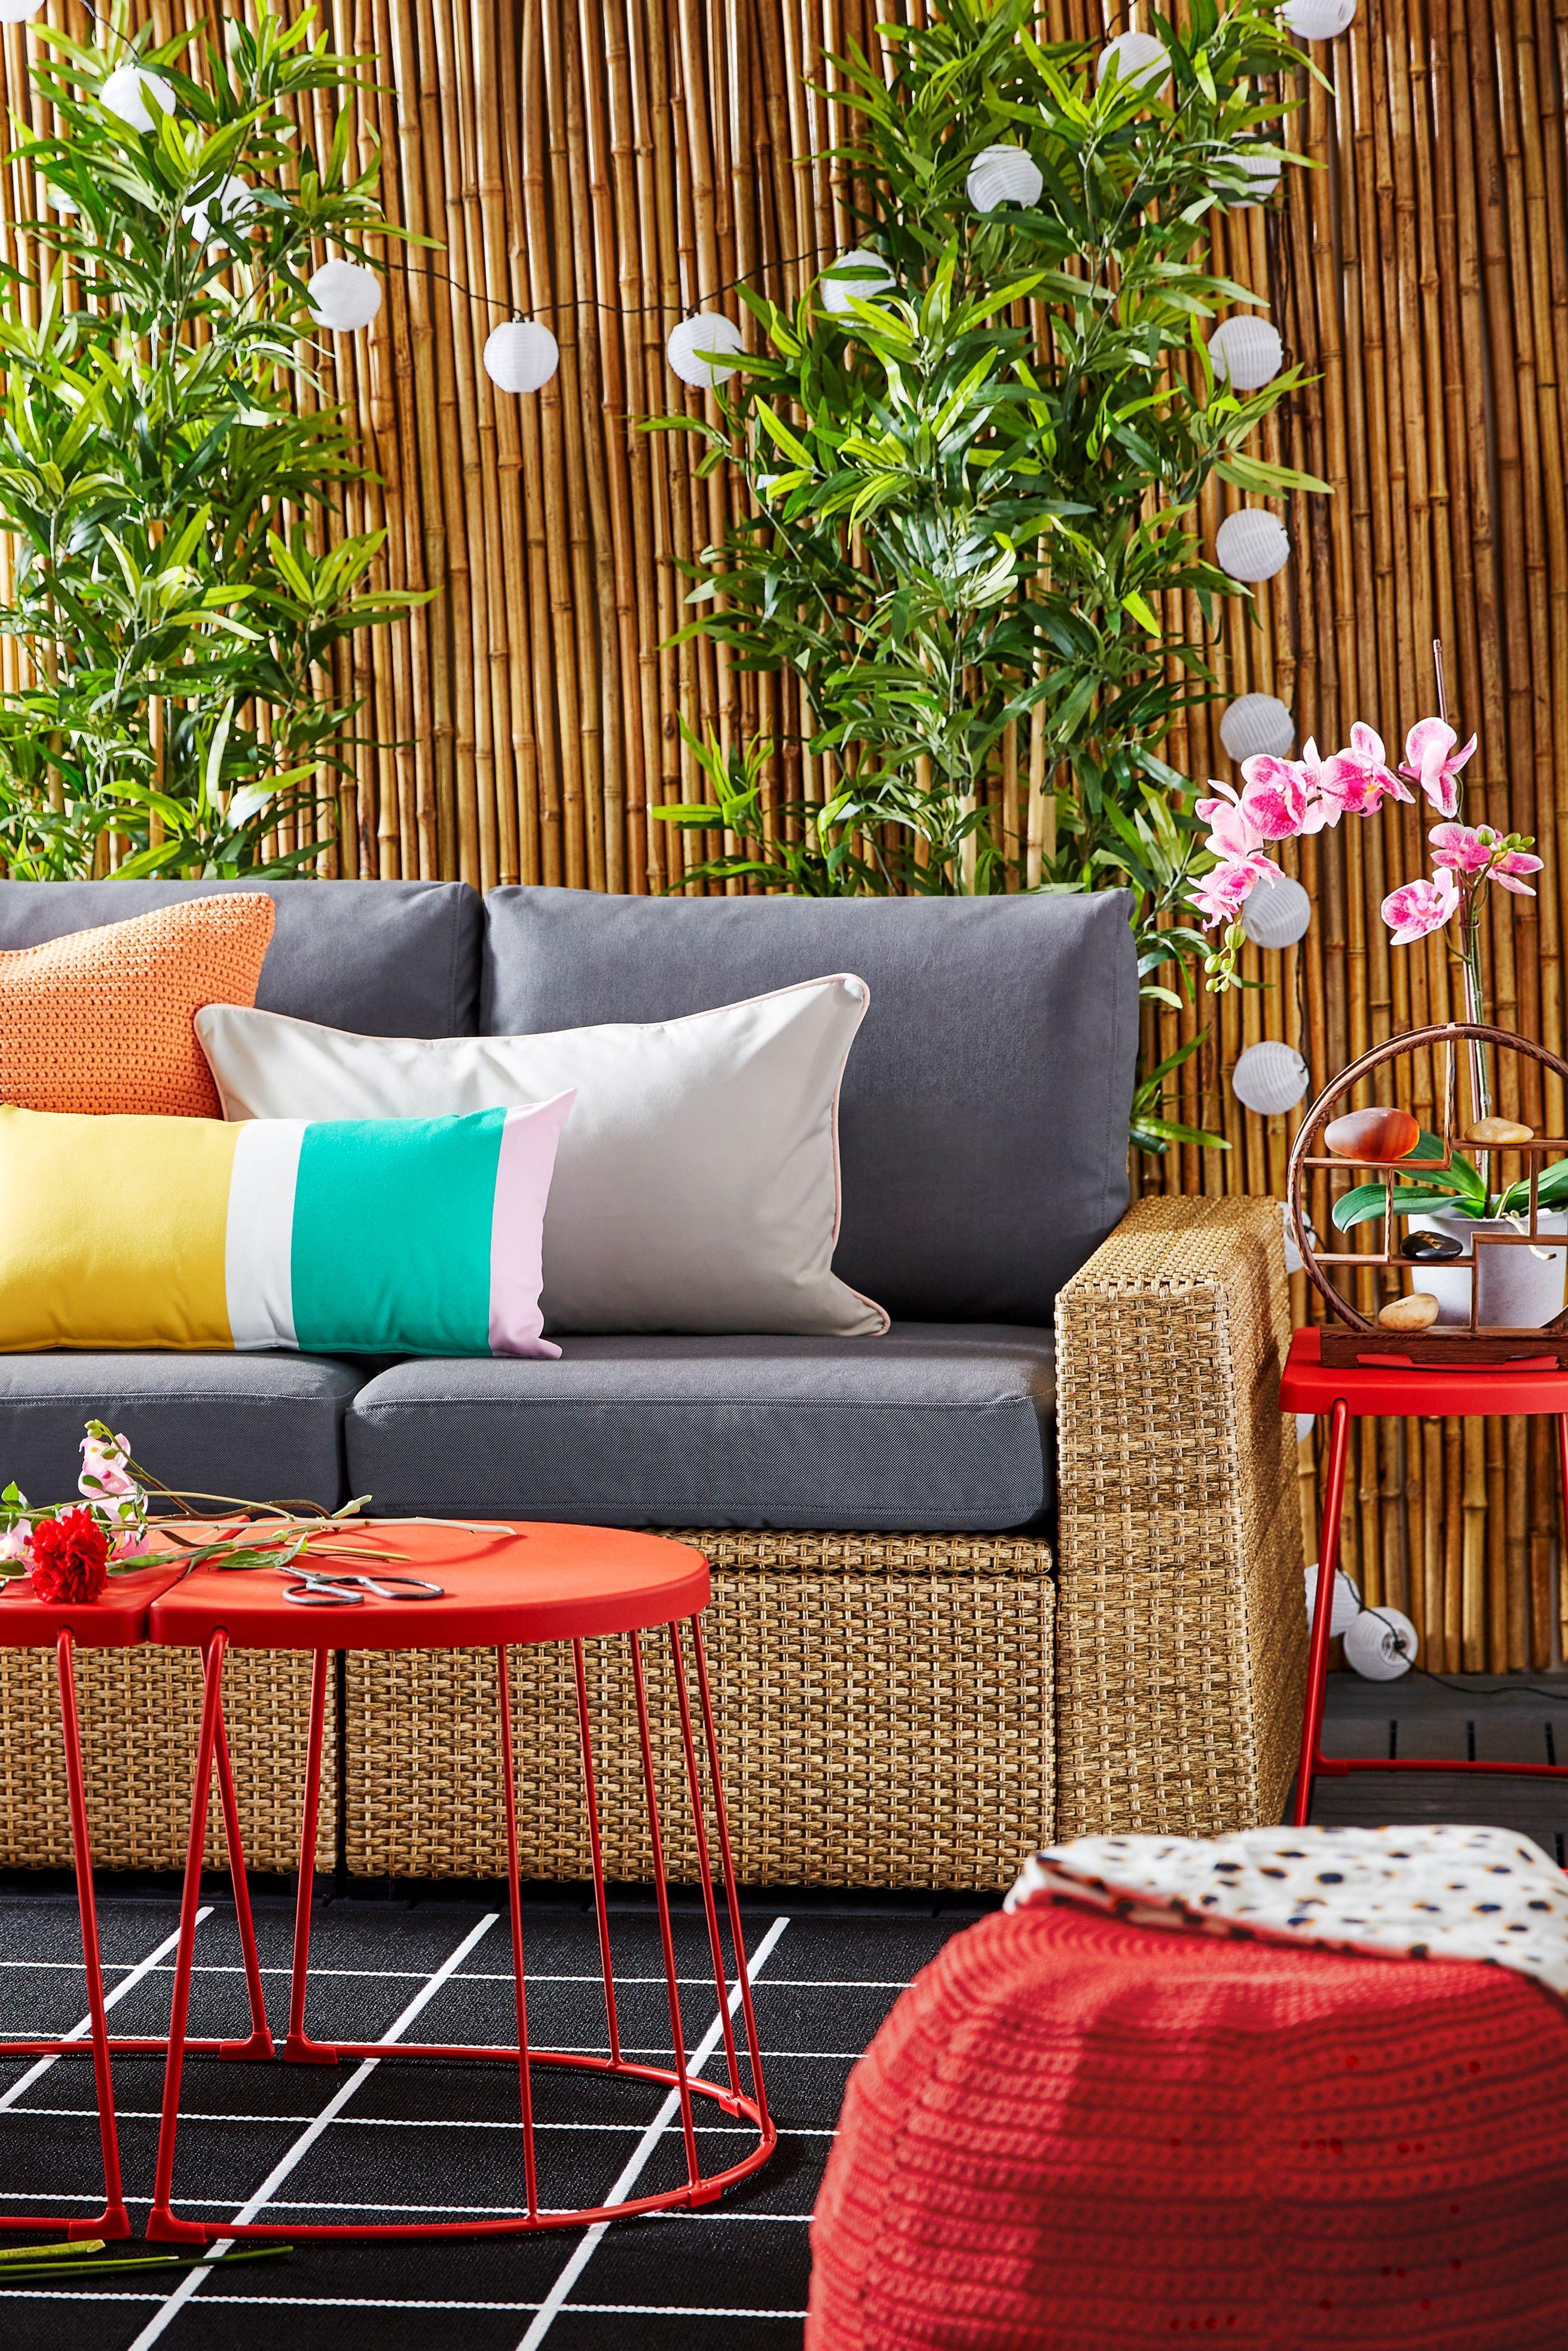 Unterbringung Platzsparende Deutschland Umgestalten Auenbereich Solleron Traumhaft Meinikea Weiterer P Home Decor Styles Outdoor Furniture Sets Decor